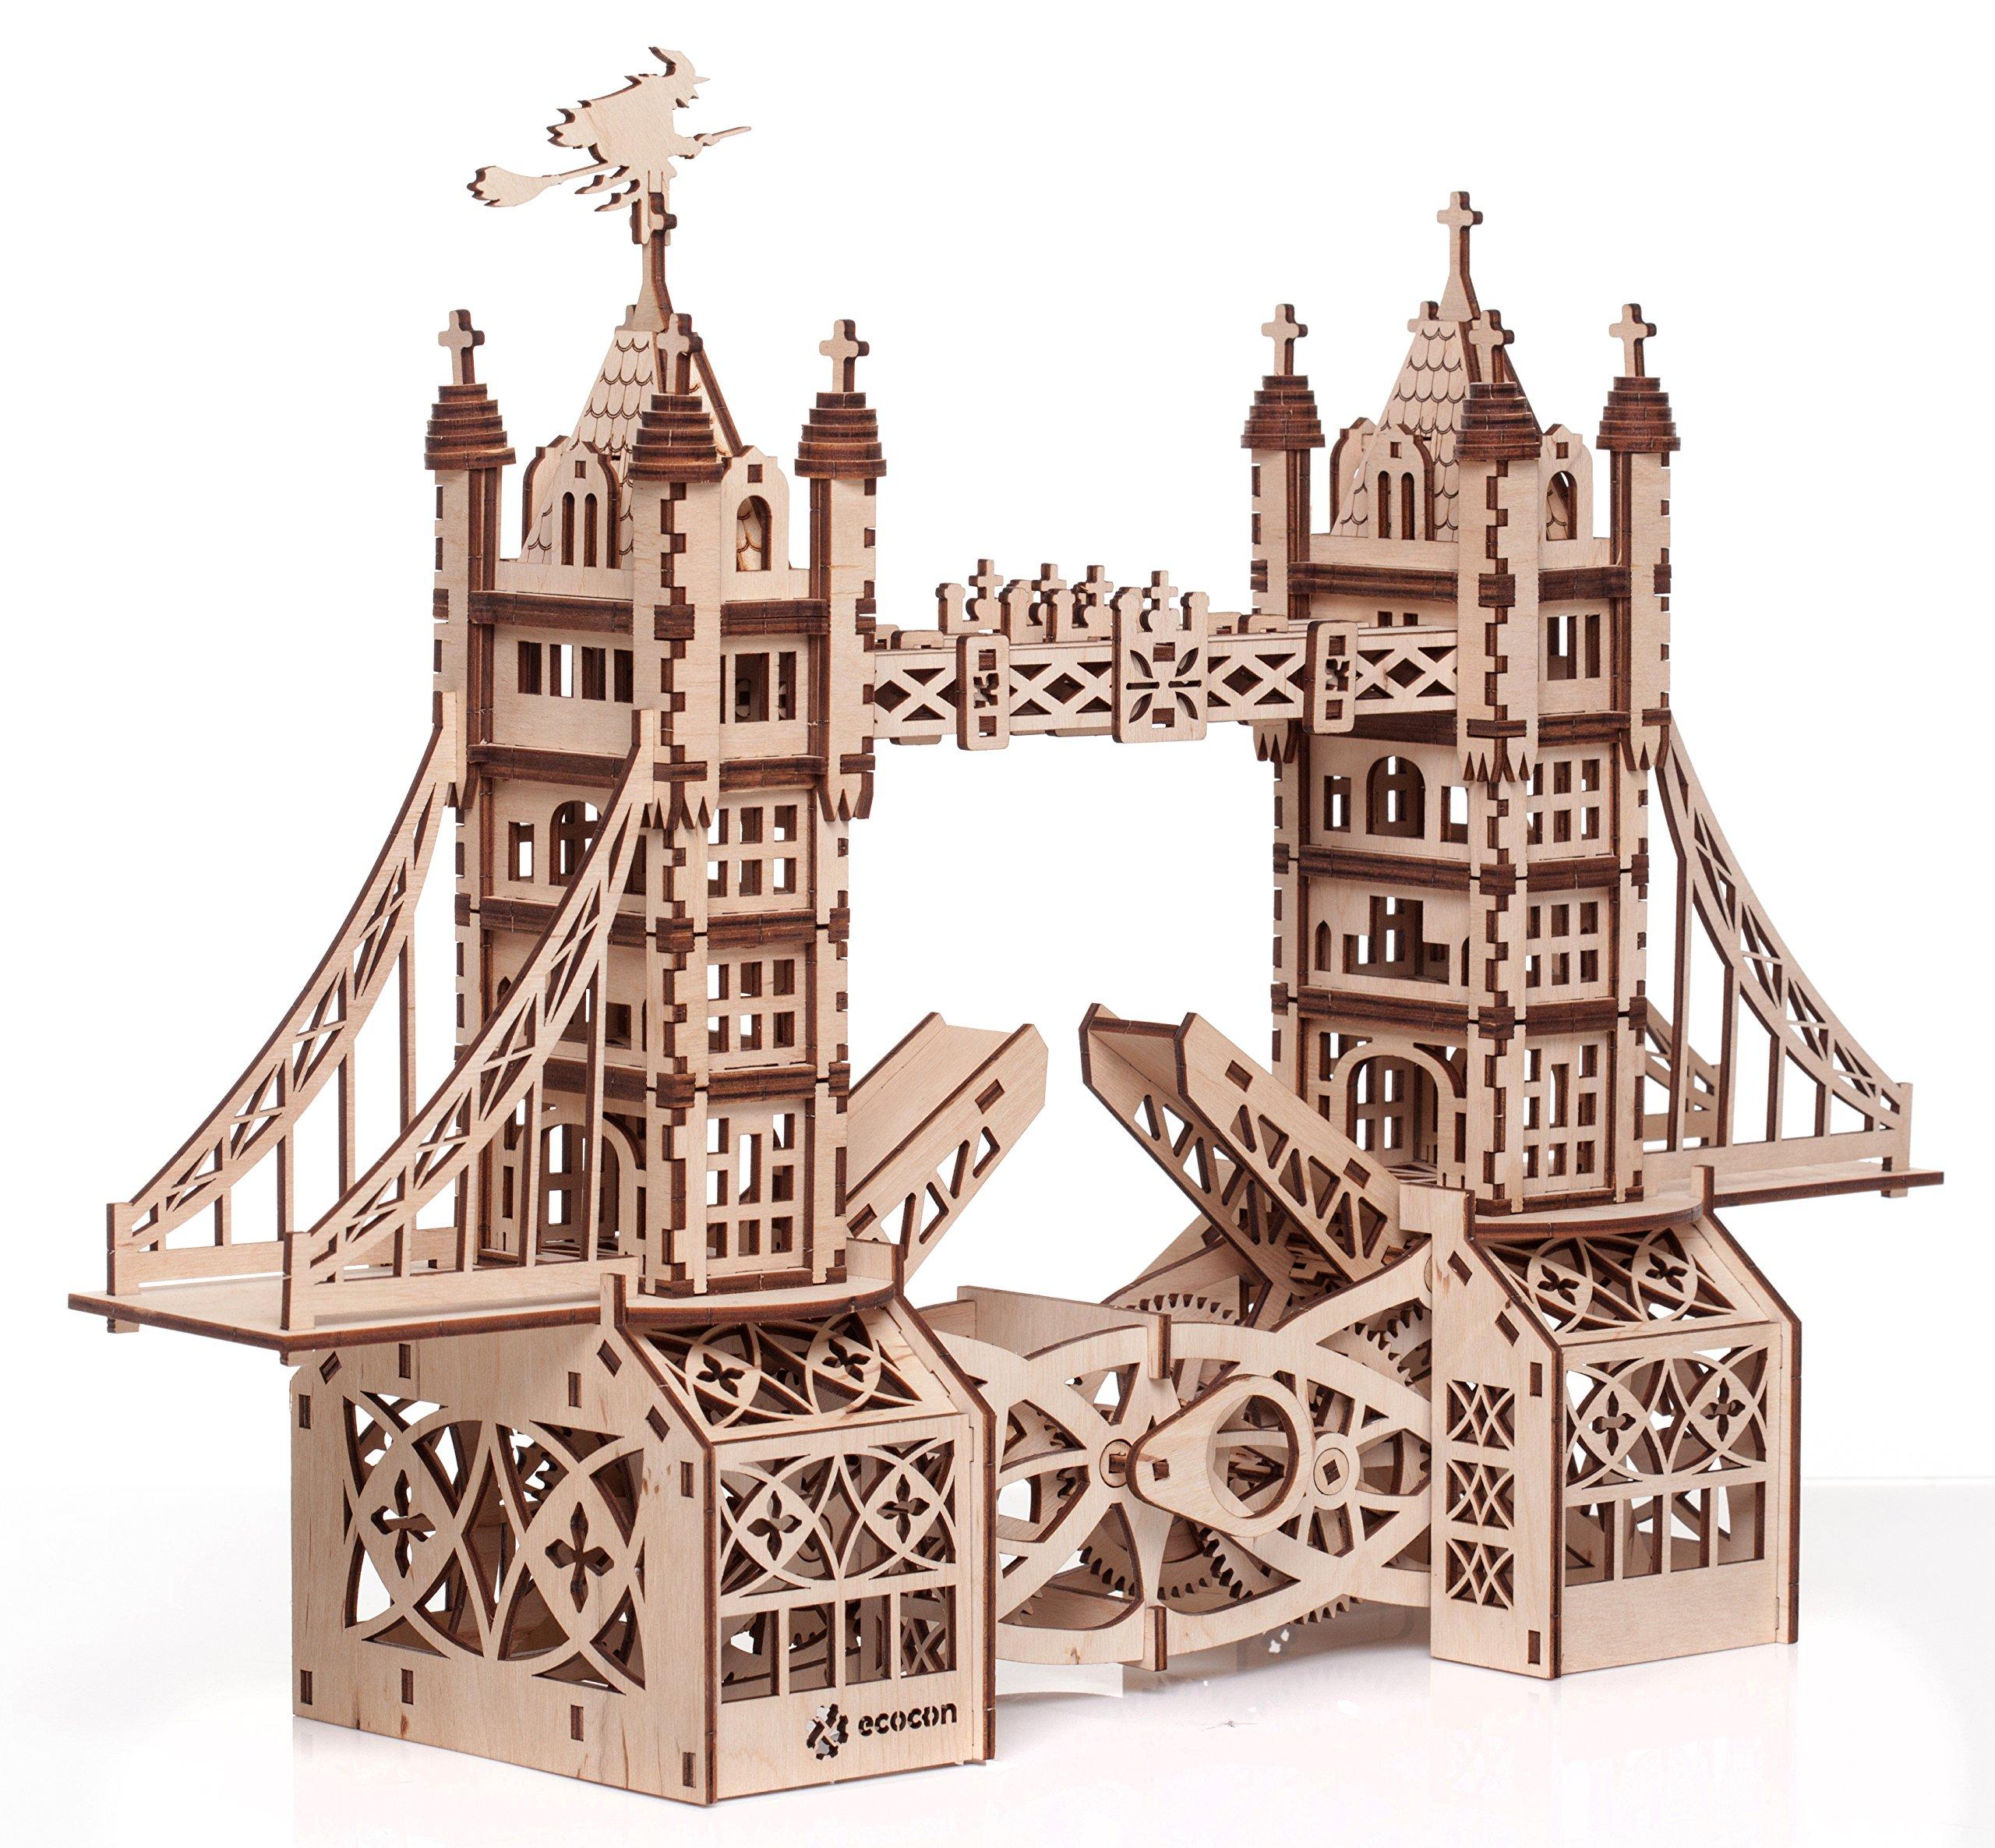 Tower Bridge Animate Wooden Mechanical 3d Puzzle